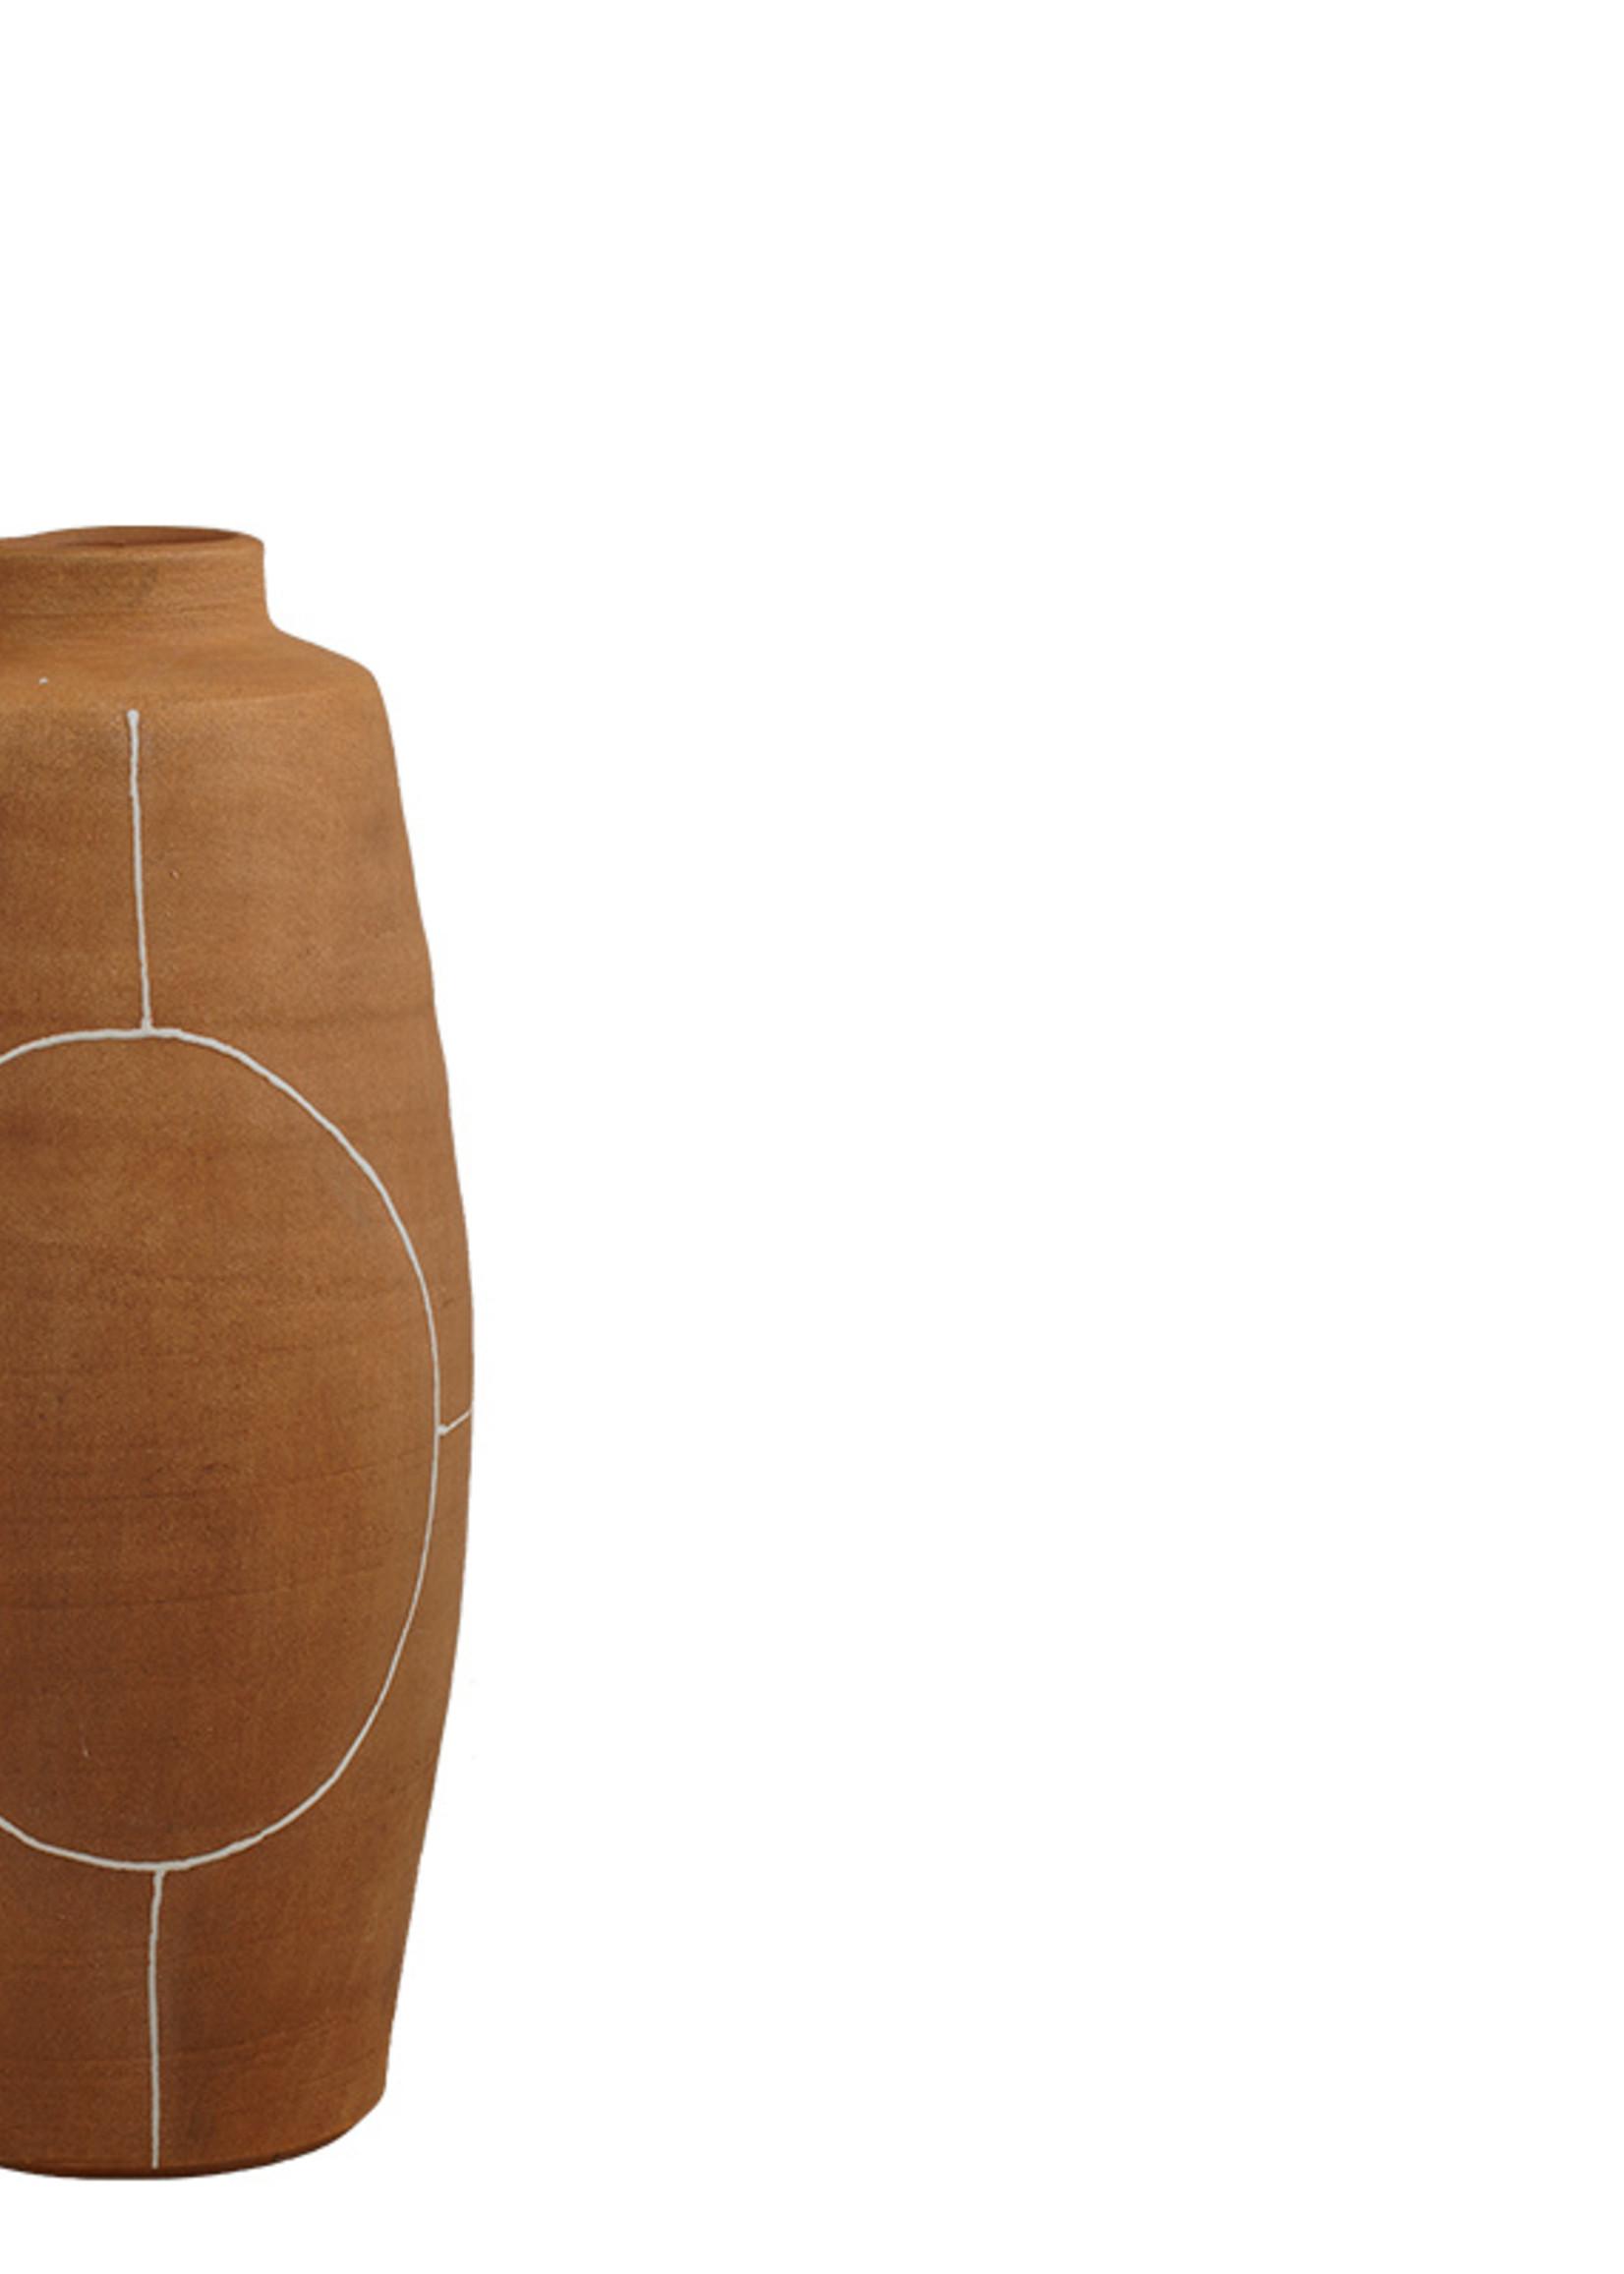 Lifestyle Koto vase brown